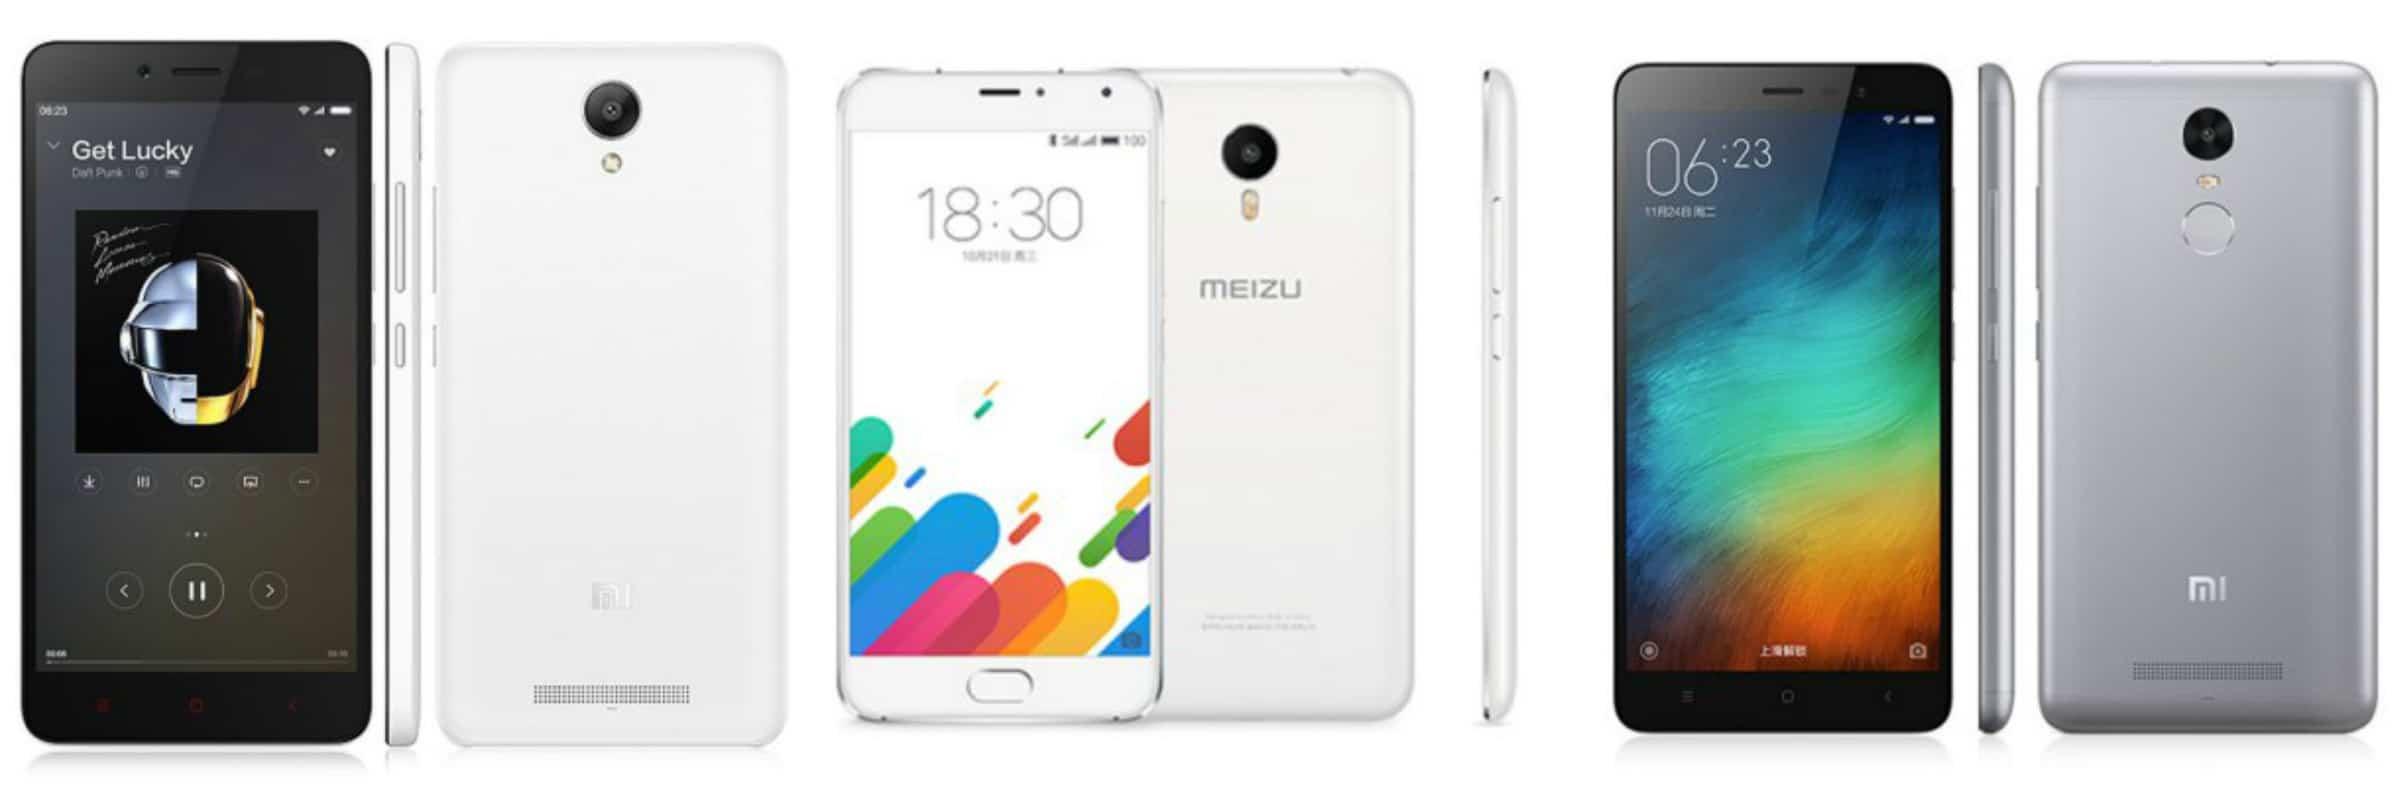 Helio X10 Phones GB